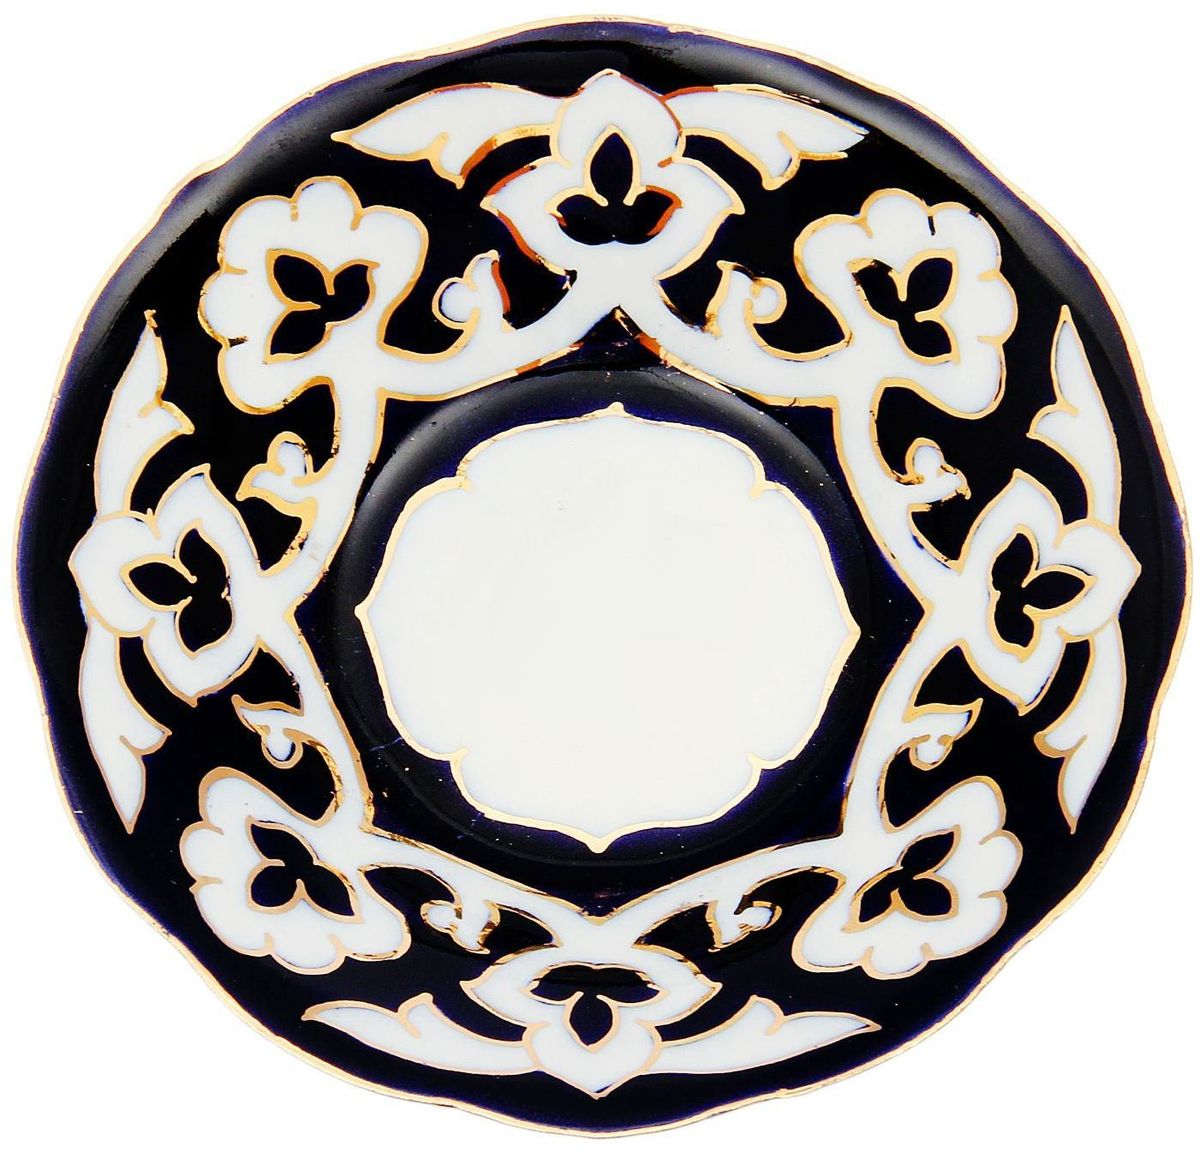 Тарелка Turon Porcelain Пахта, цвет: синий, белый, золотистый, диаметр 13 см1625354Узбекская посуда известна всему миру уже более тысячи лет. Ей любовались царские особы, на ней подавали еду для шейхов и знатных персон. Формулы красок и глазури передаются из поколения в поколение. По сей день качественные расписные изделия продолжают восхищать совершенством и завораживающей красотой. Тарелка Turon Porcelain Пахта подойдет для повседневной и праздничной сервировки. Дополните стол текстилем и салфетками в тон, чтобы получить элегантное убранство с яркими акцентами. Национальная узбекская роспись Пахта сдержанна и благородна. Витиеватые узоры выводятся тонкой кистью, а фон заливается кобальтом. Синий краситель при обжиге слегка растекается и придает контуру изображений голубой оттенок. Густая глазурь наносится толстым слоем, благодаря чему рисунок мерцает.